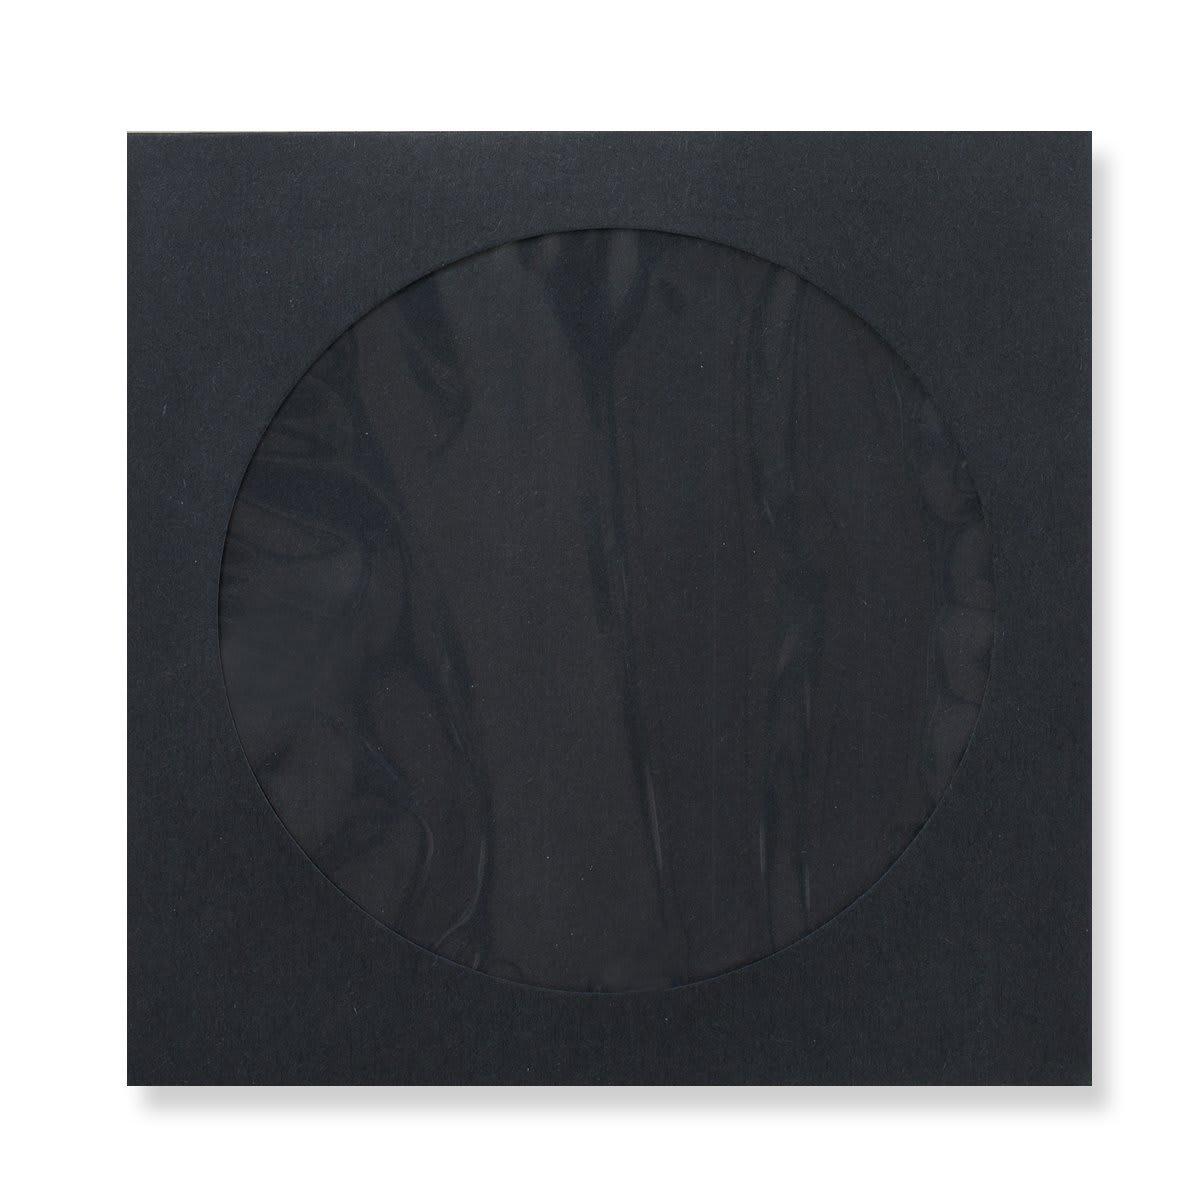 85 x 85mm BLACK MINI CD WINDOW ENVELOPES